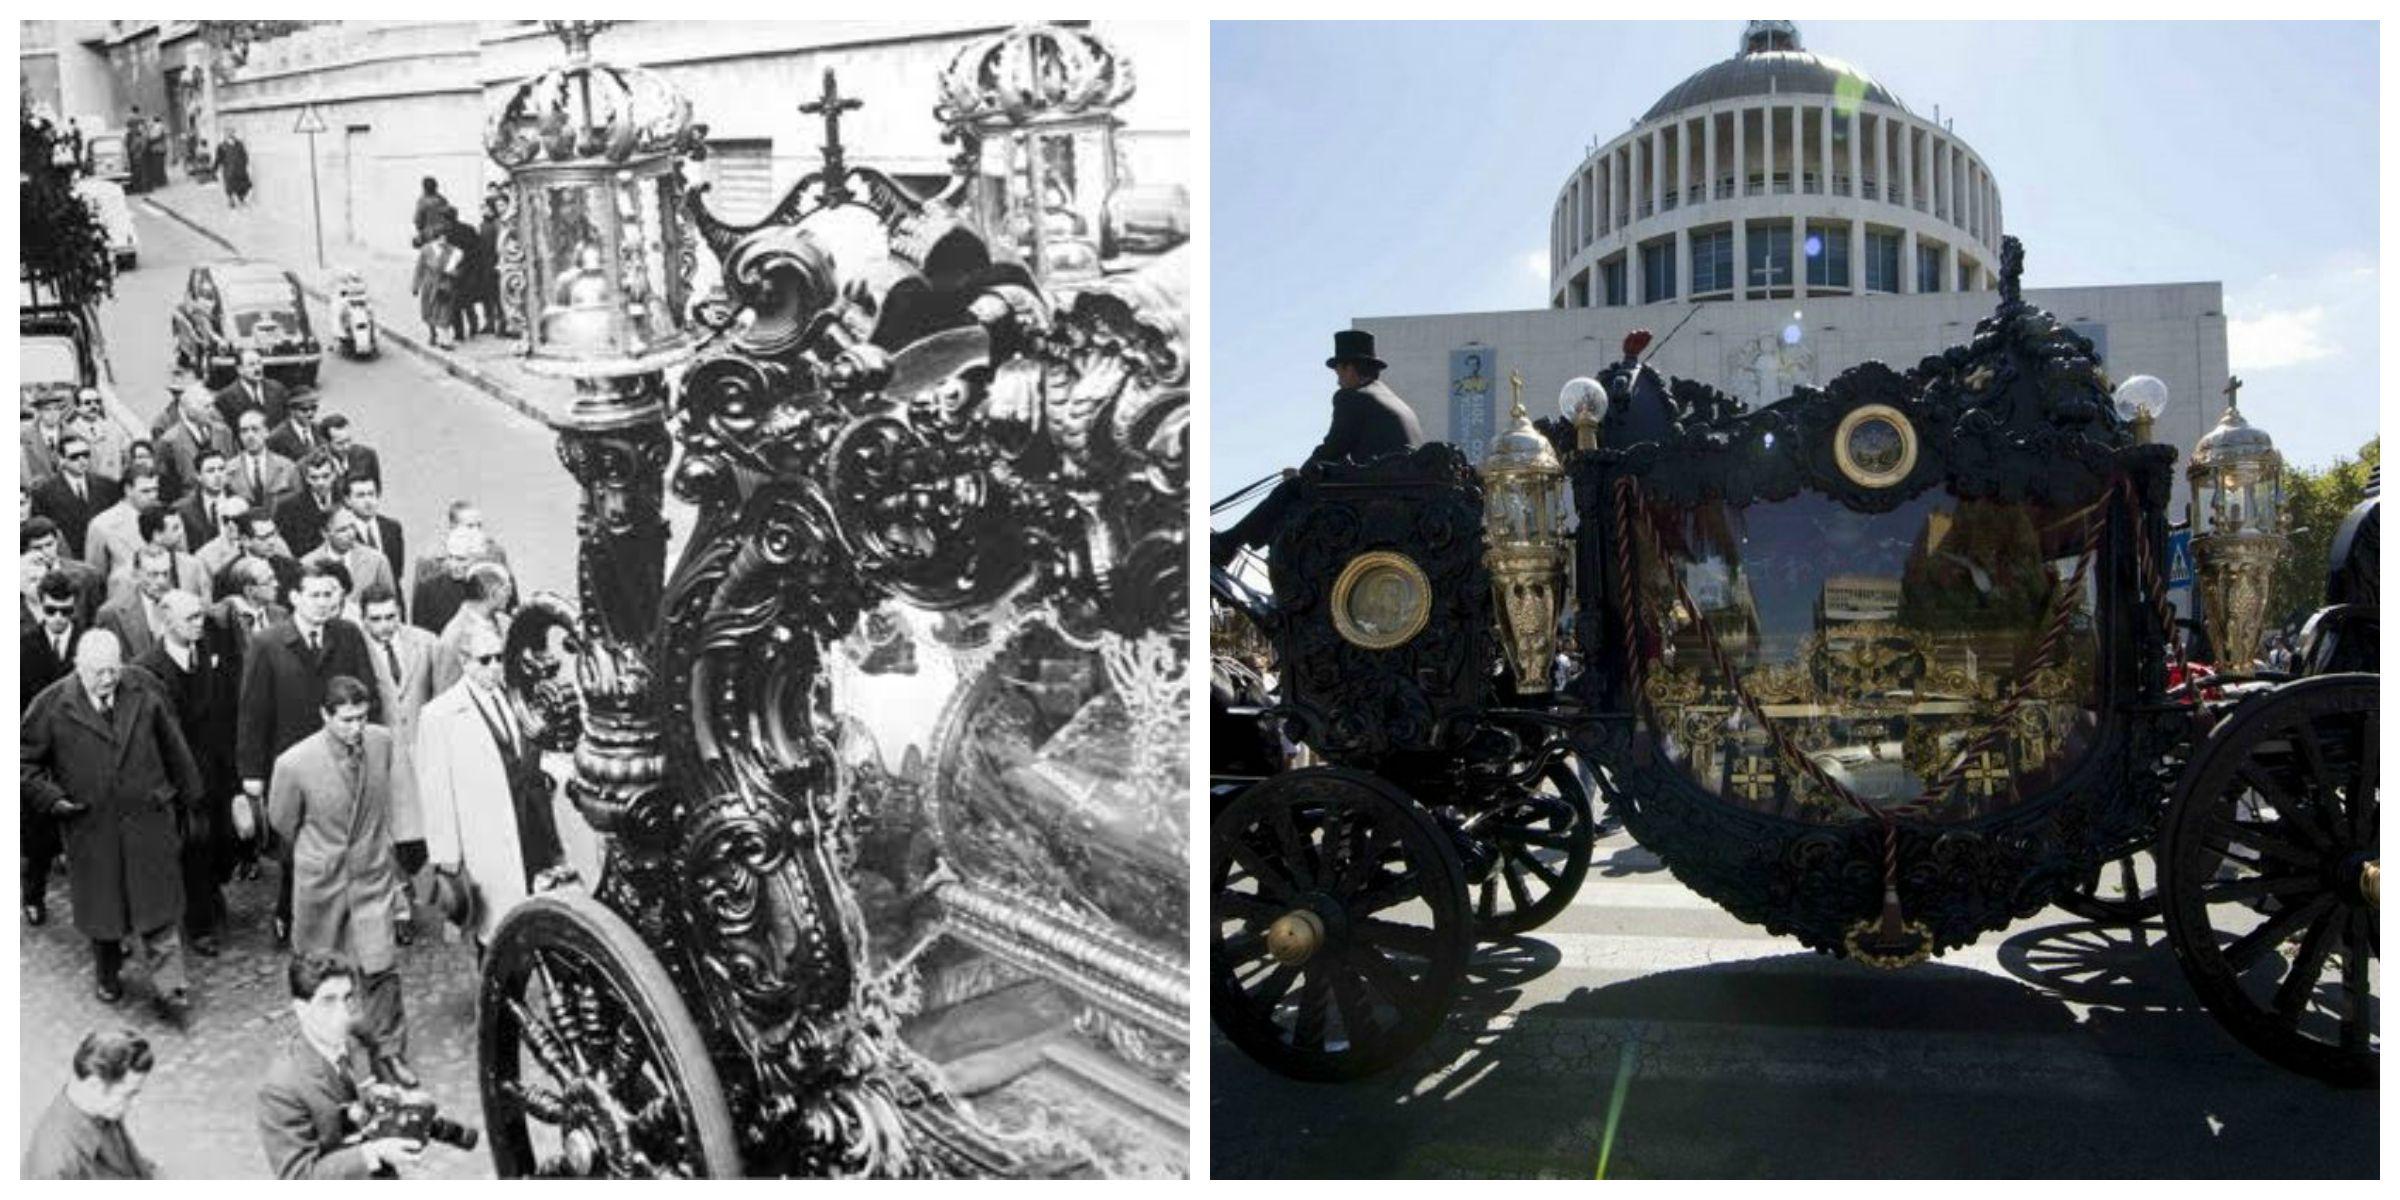 Casamonica, carrozza d'epoca e cavalli neri: i funerali del patriarca Vittorio come quelli di Lucky Luciano